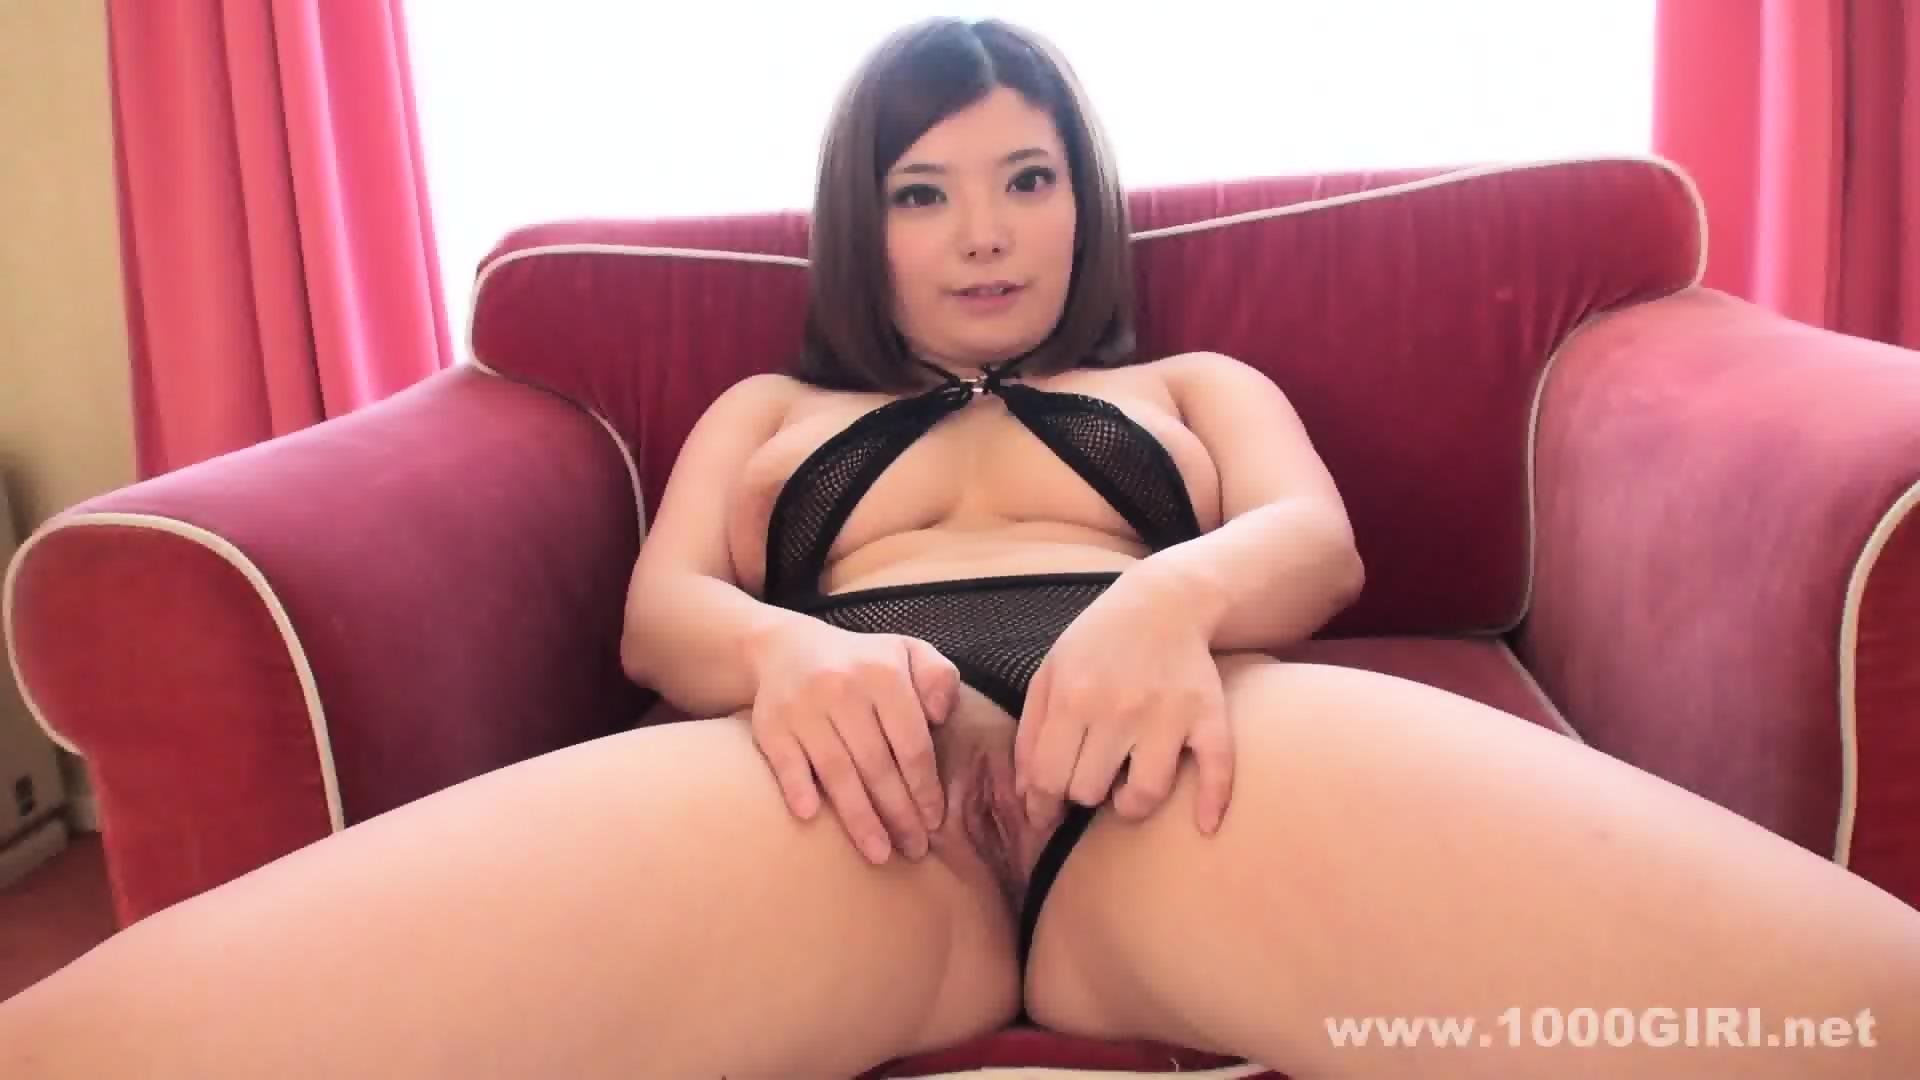 Bbw japanese women